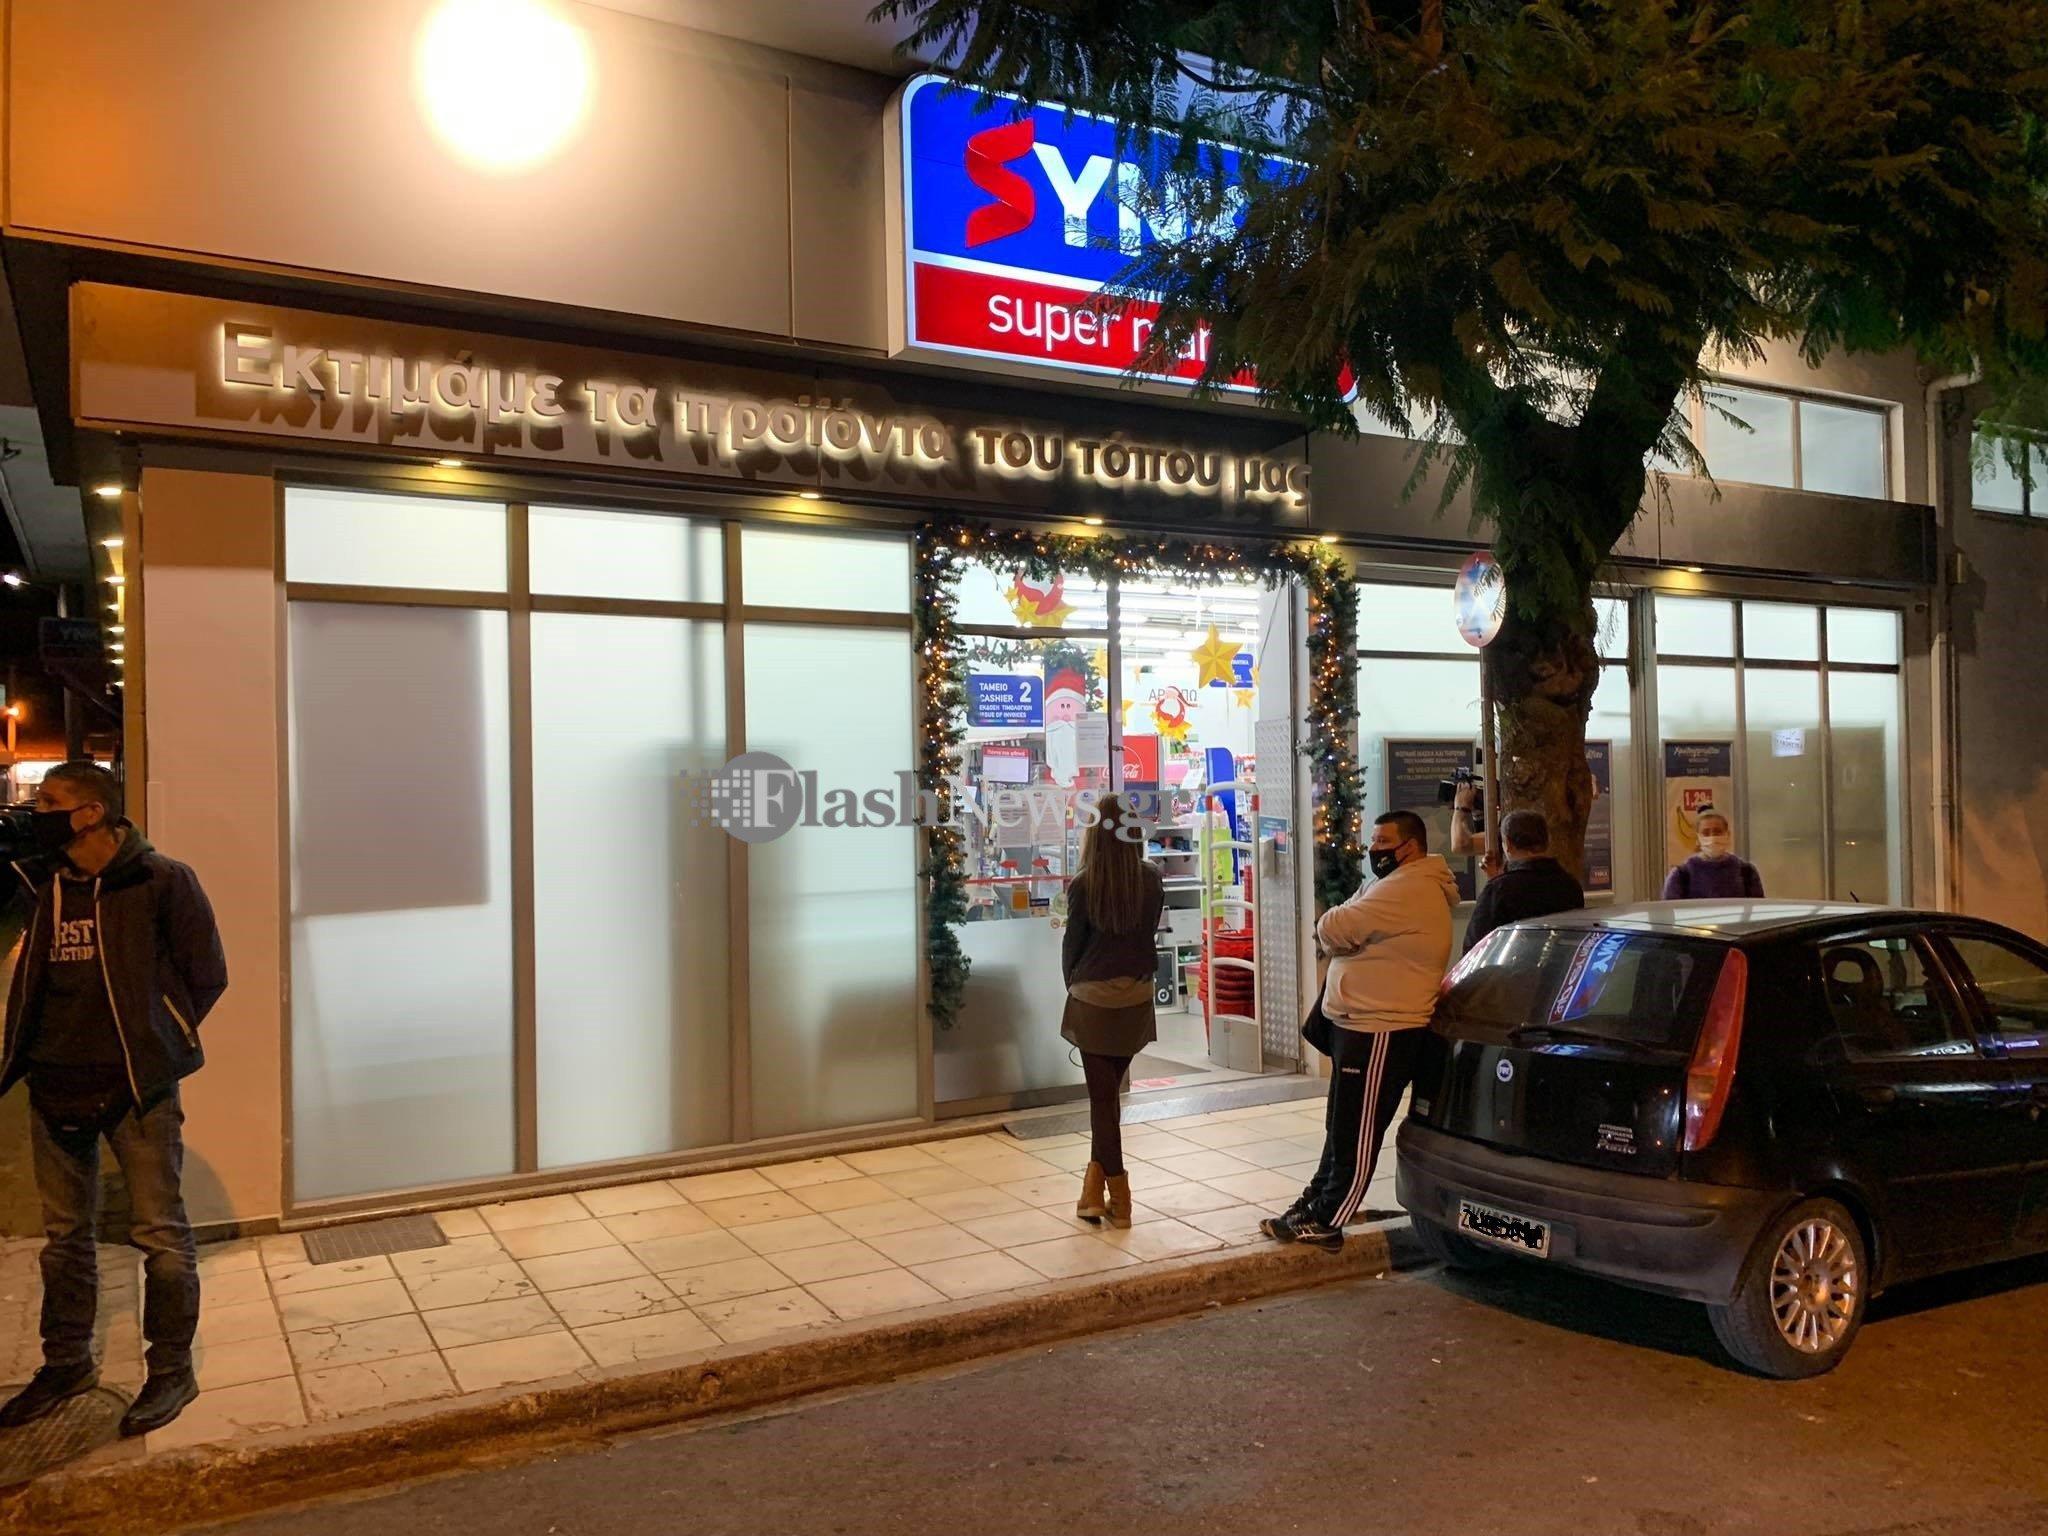 Χανιά: Ένοπλη ληστεία σε σούπερ μάρκετ στο κέντρο της πόλης (φωτο)